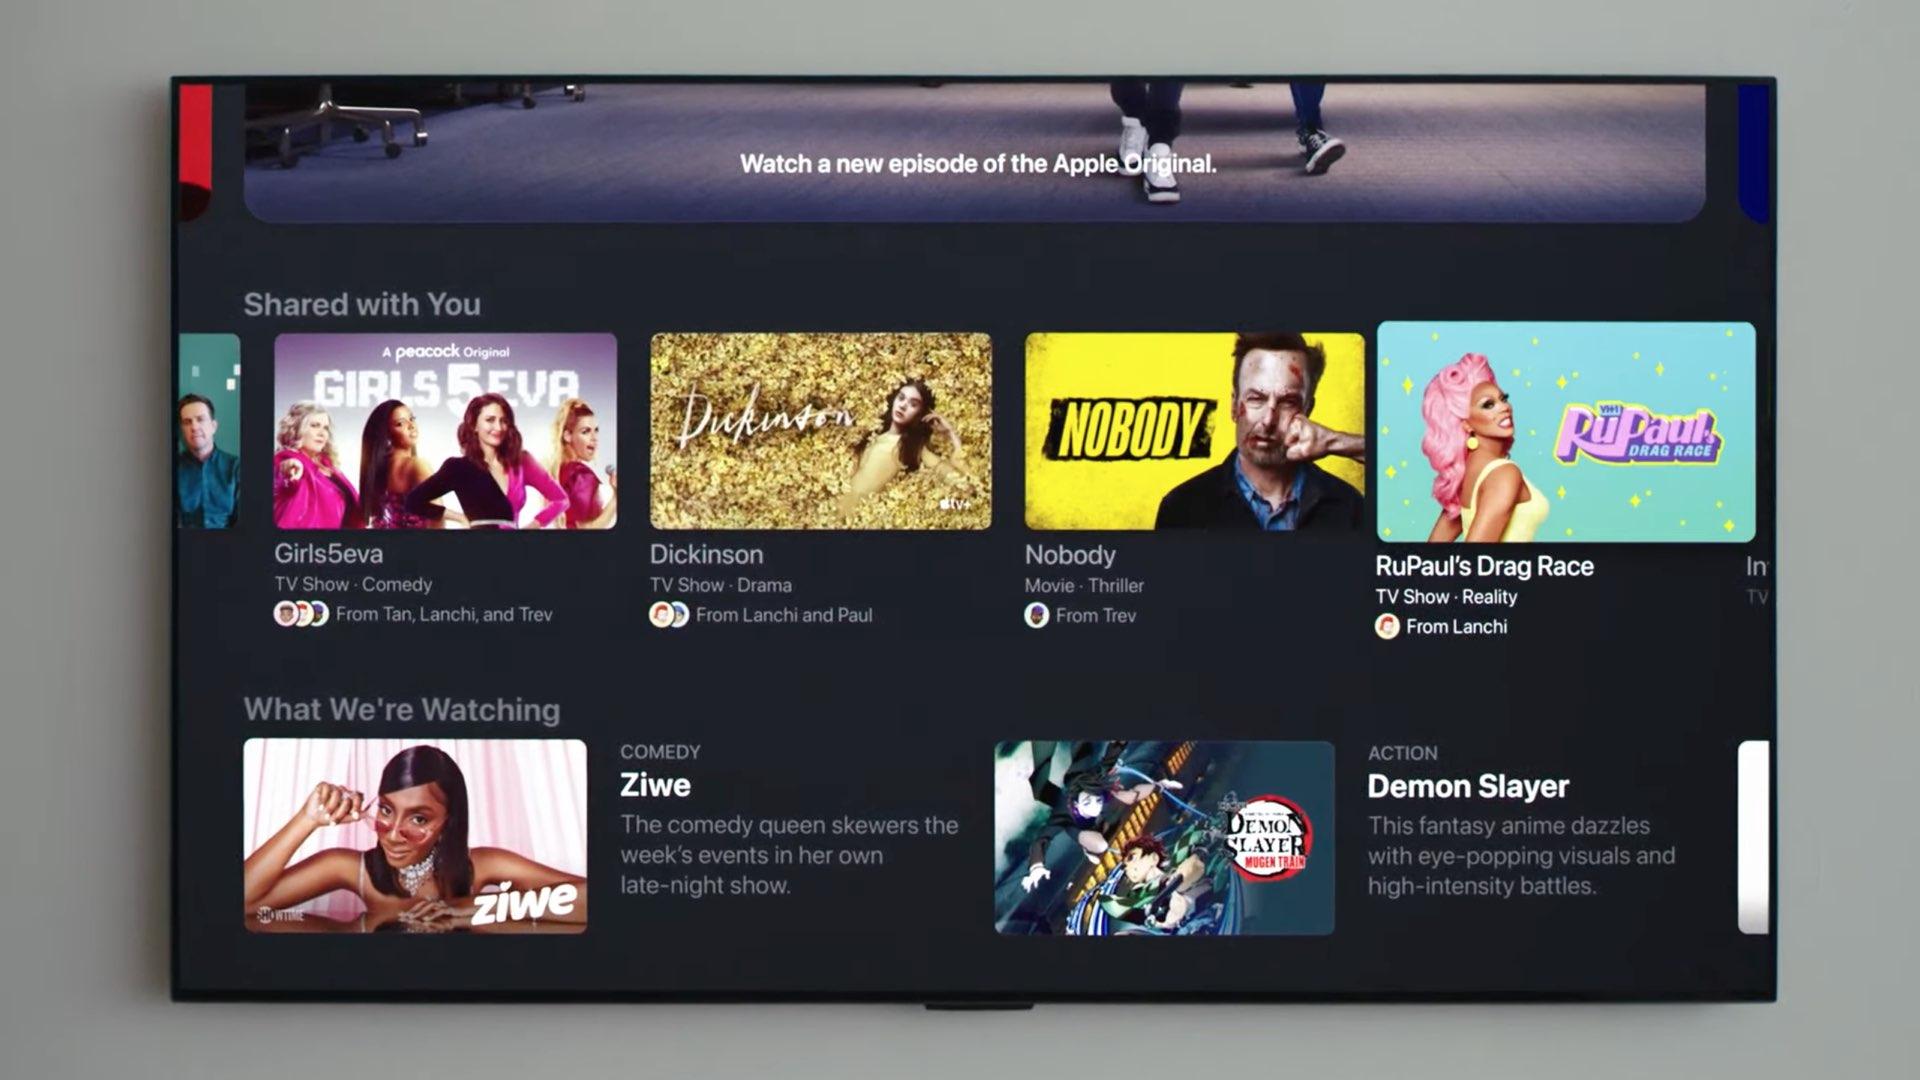 Une image montrant l'application Apple TV sur tvOS 15 avec le